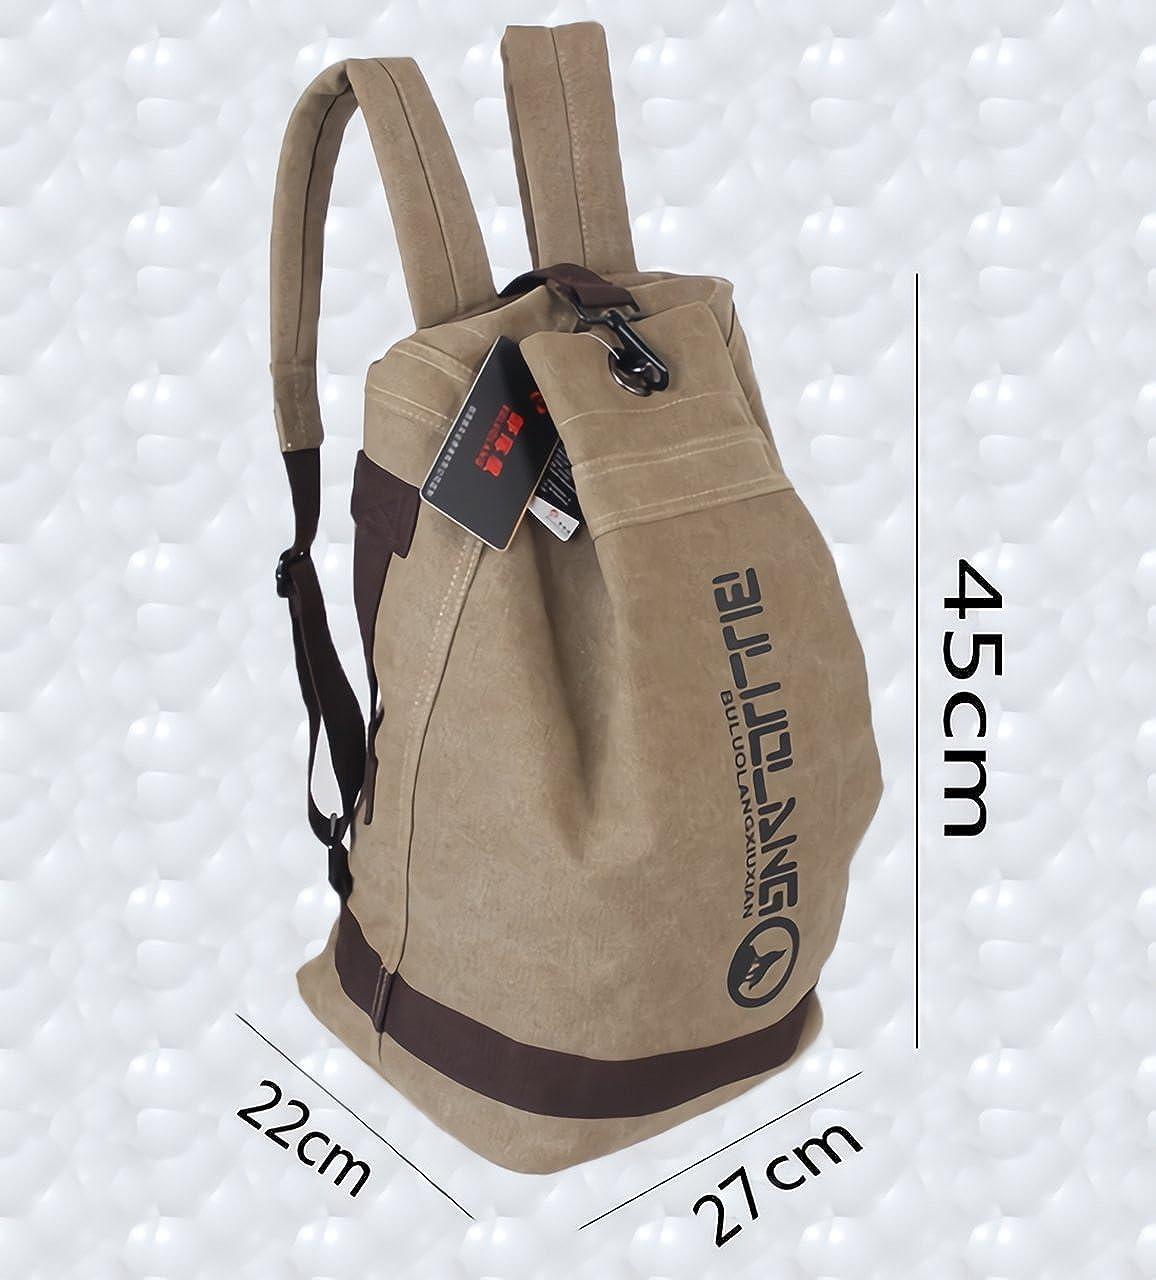 6089fe758353 Amazon | (ル・セリジエ) 大容量 キャンバス 地 リュック バッグ ミリタリー 調 帆布 内ポケット 2way (カーキ) | タウンリュック ・ビジネスリュック